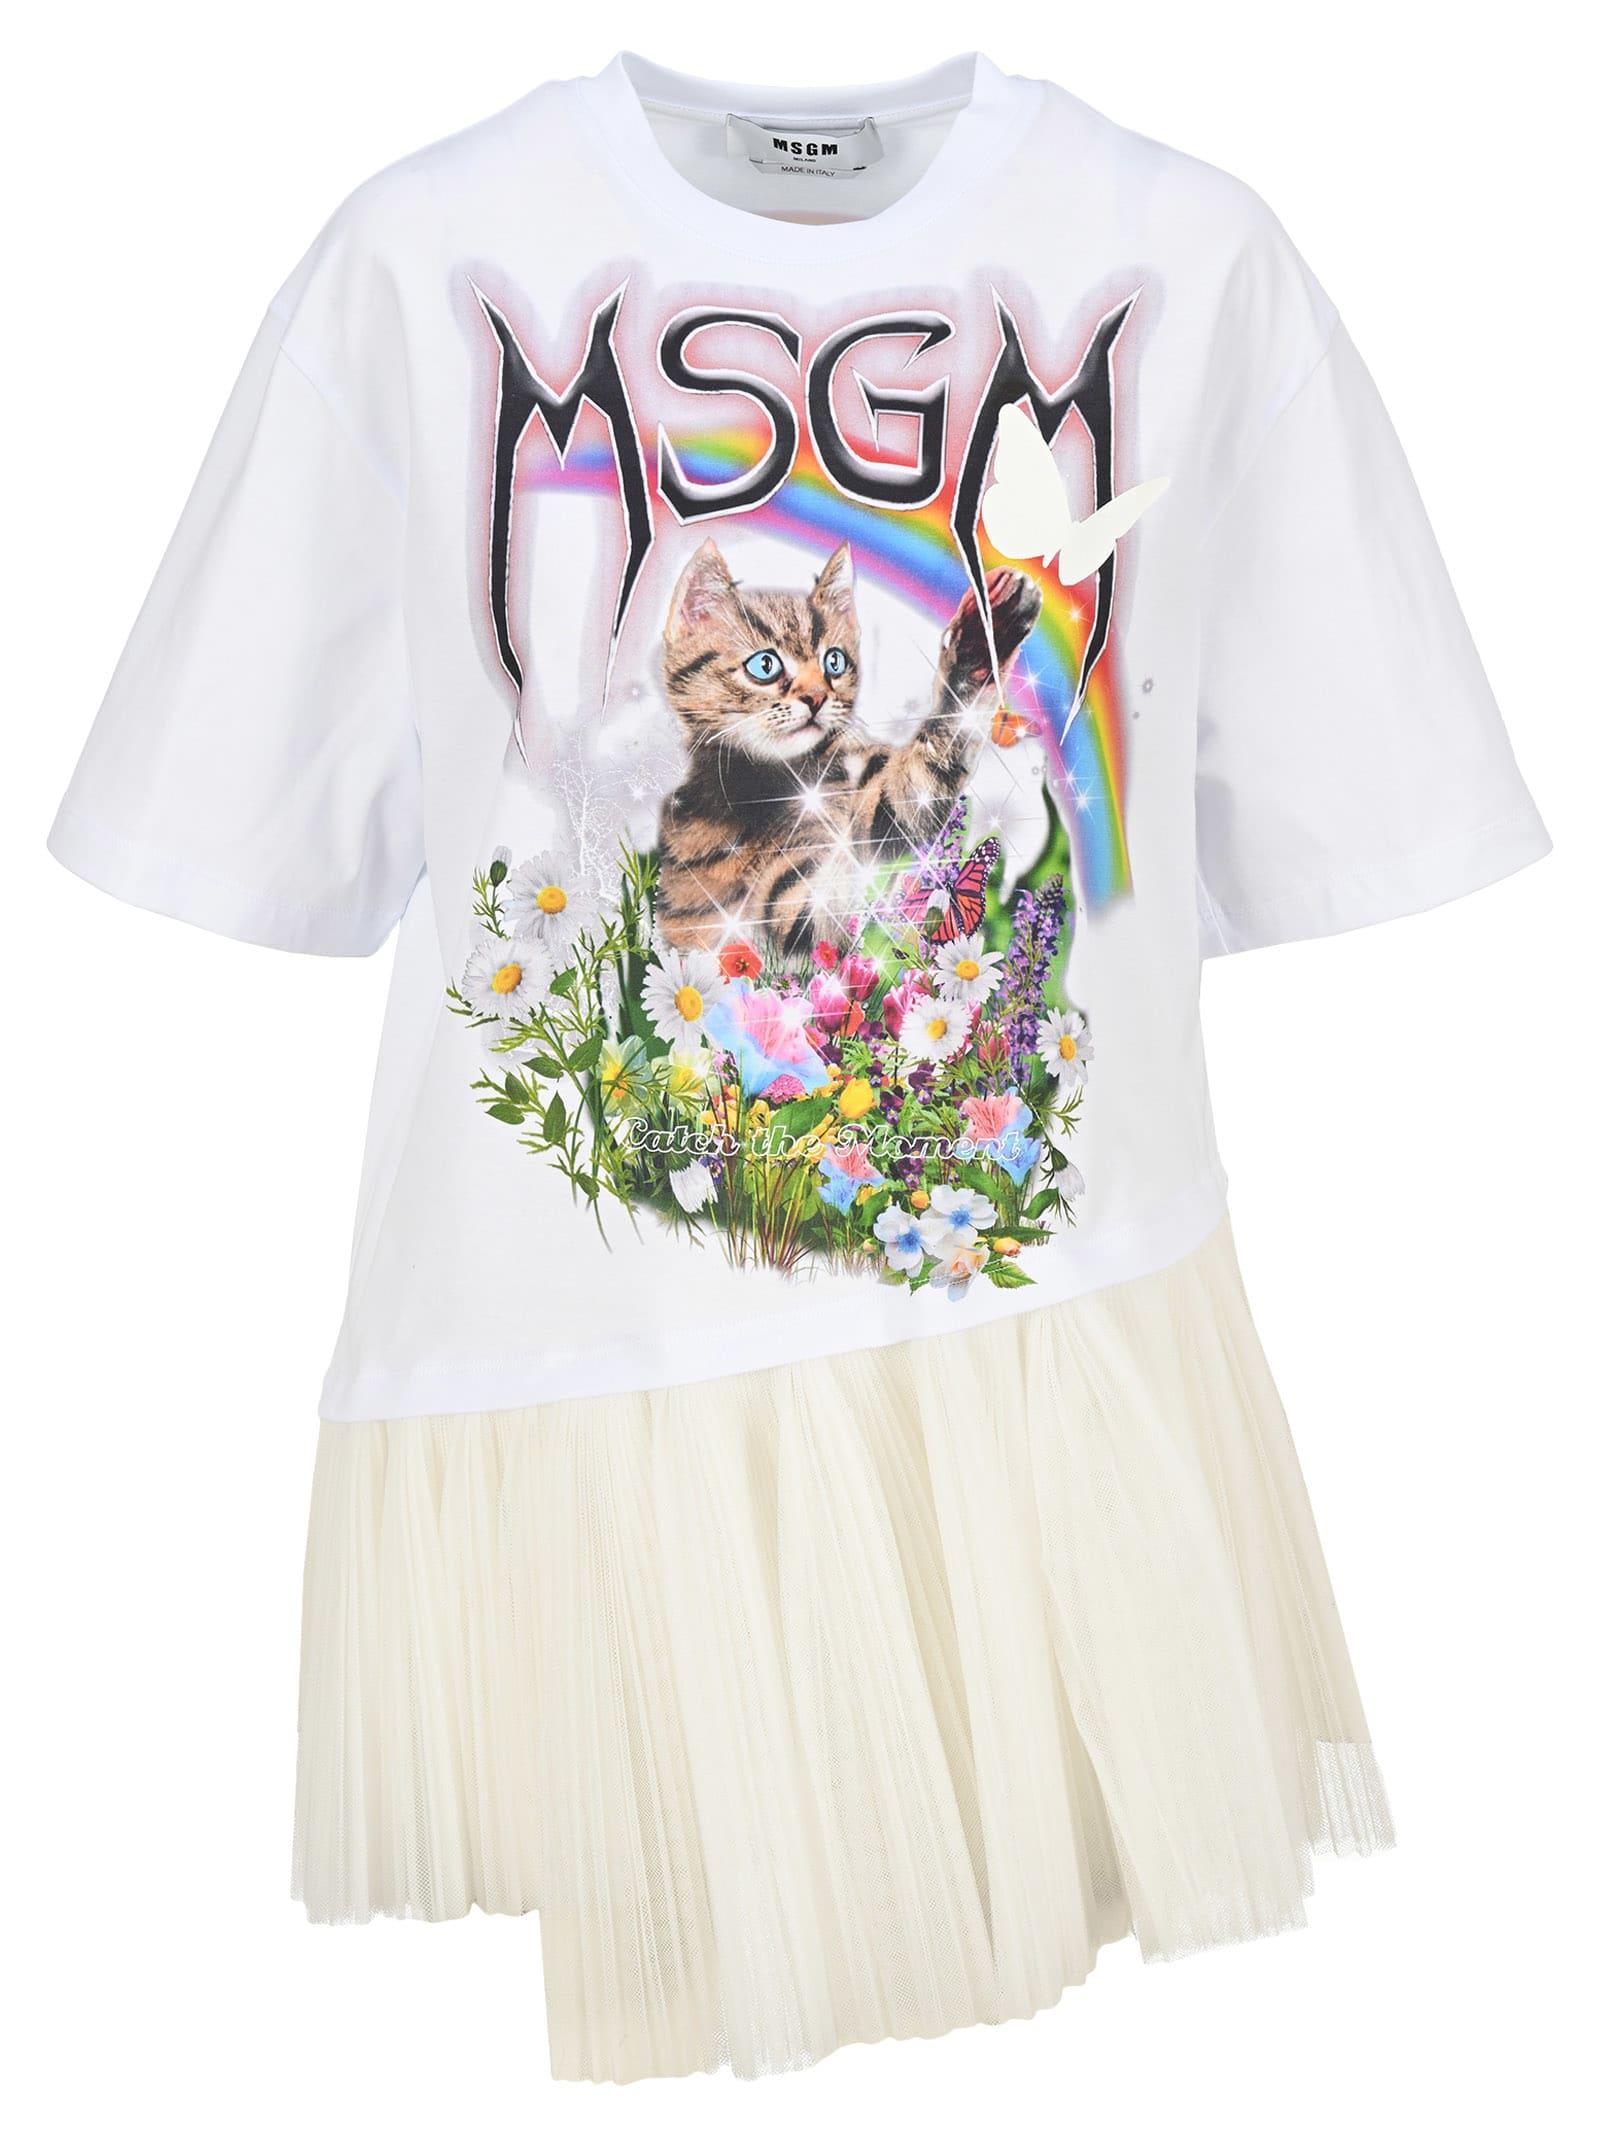 Msgm MSGM TSHIRT CAT TOU TOU